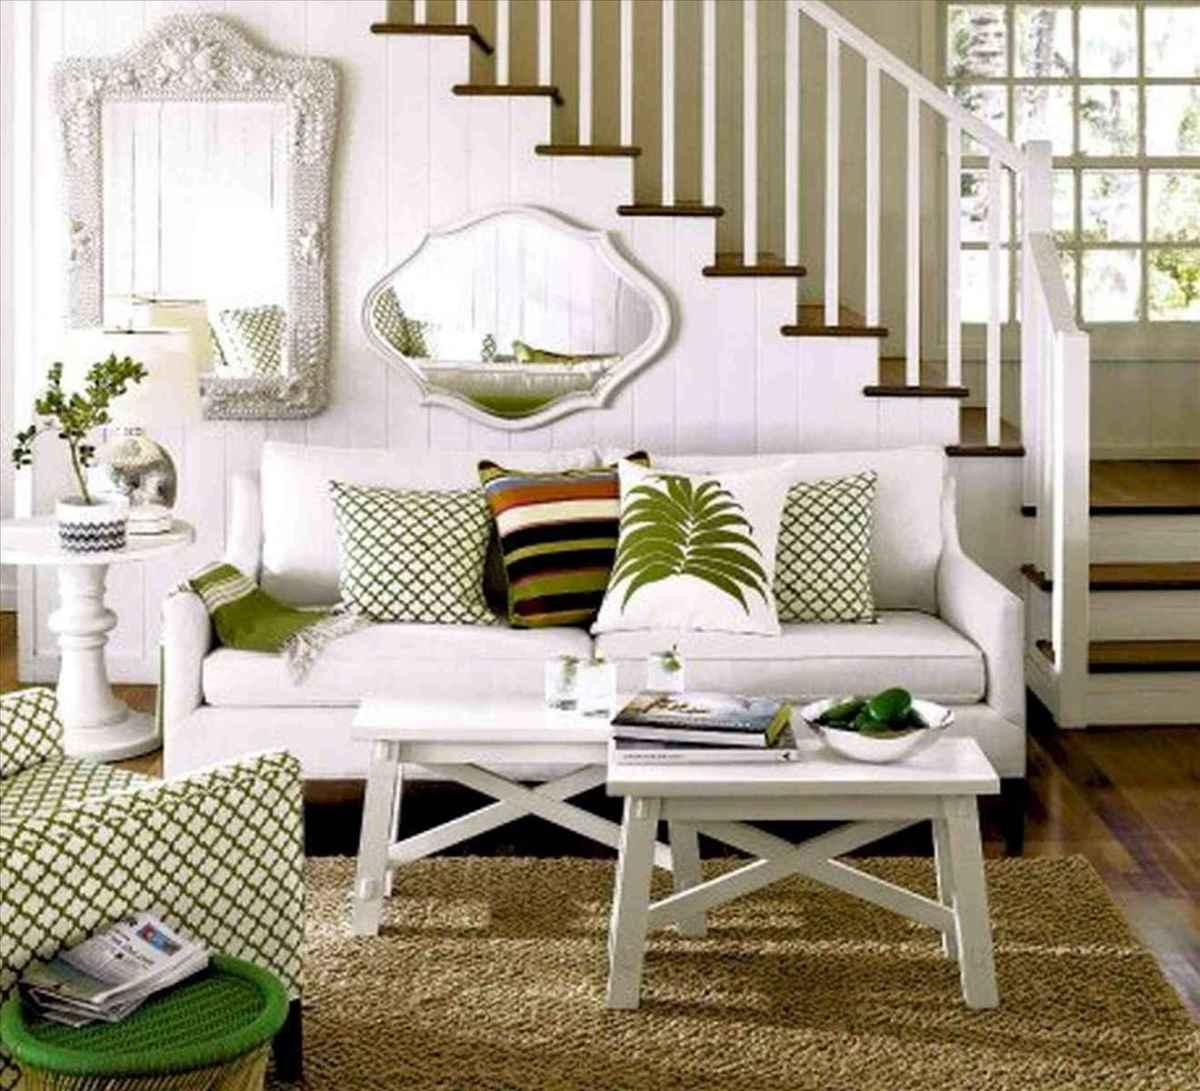 30 easy but stunning diy summer ideas room decor (16)